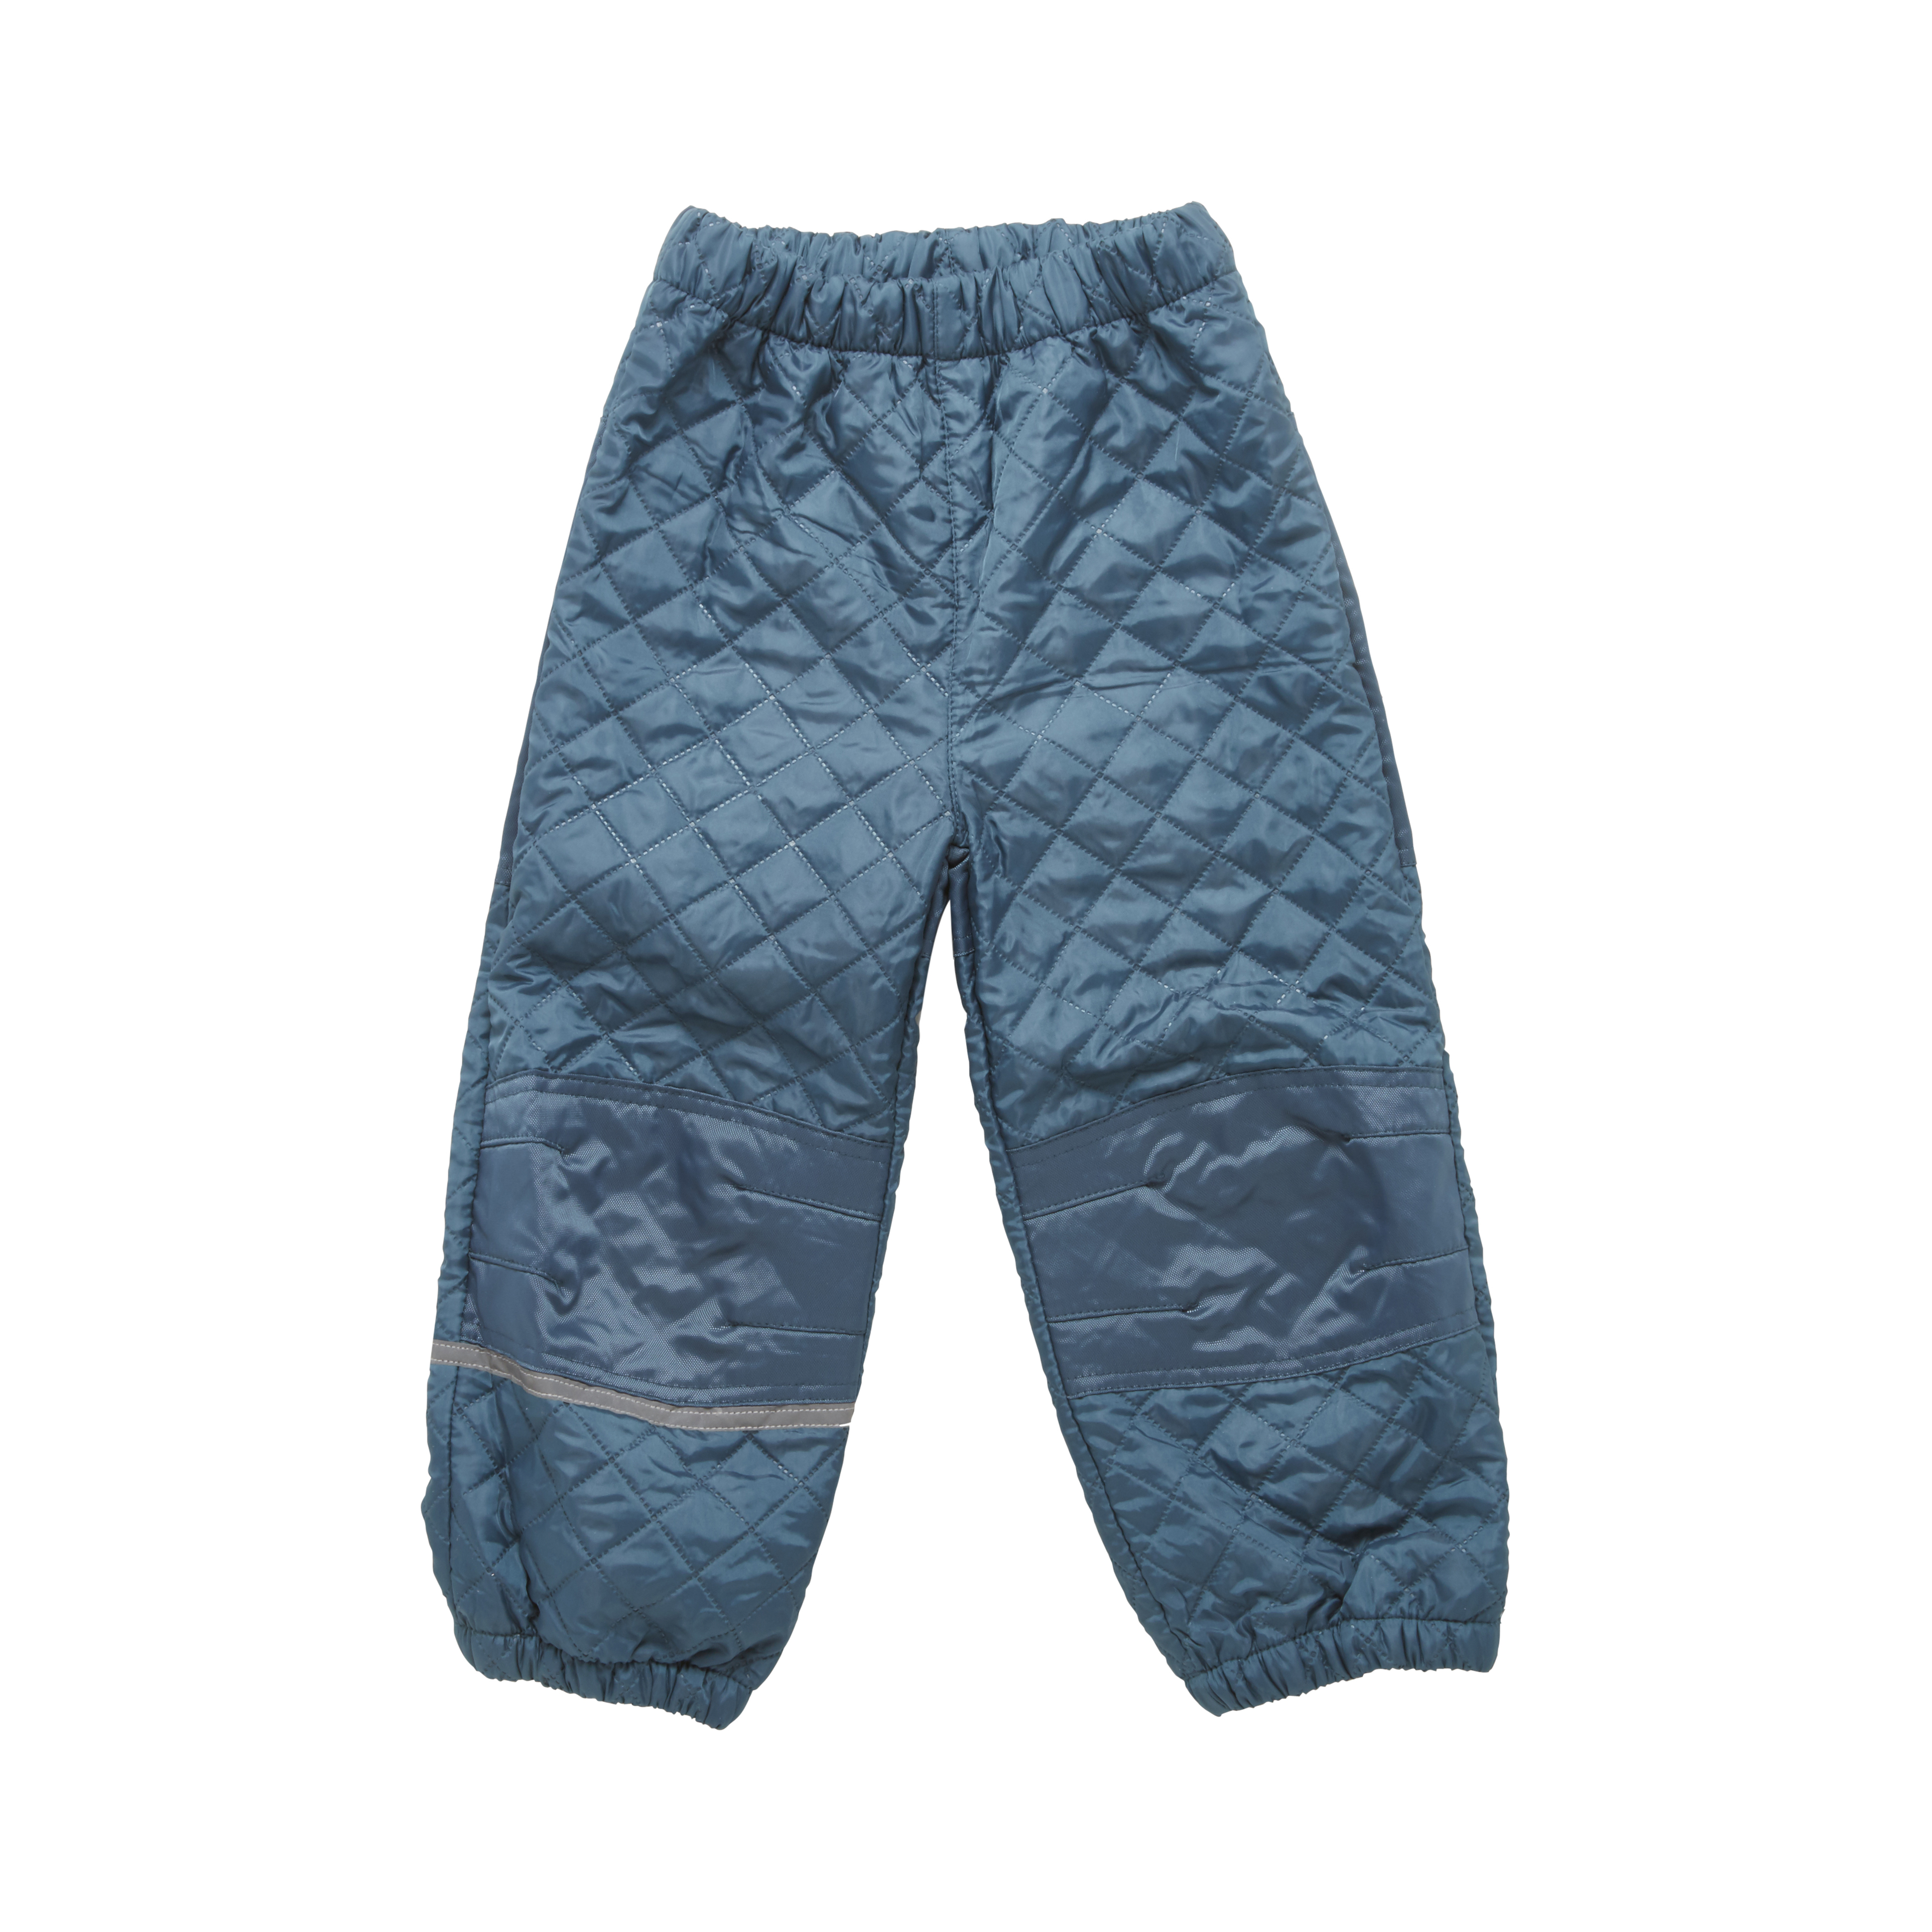 Termo detské prešívané nohavice modrá oceán Celavi